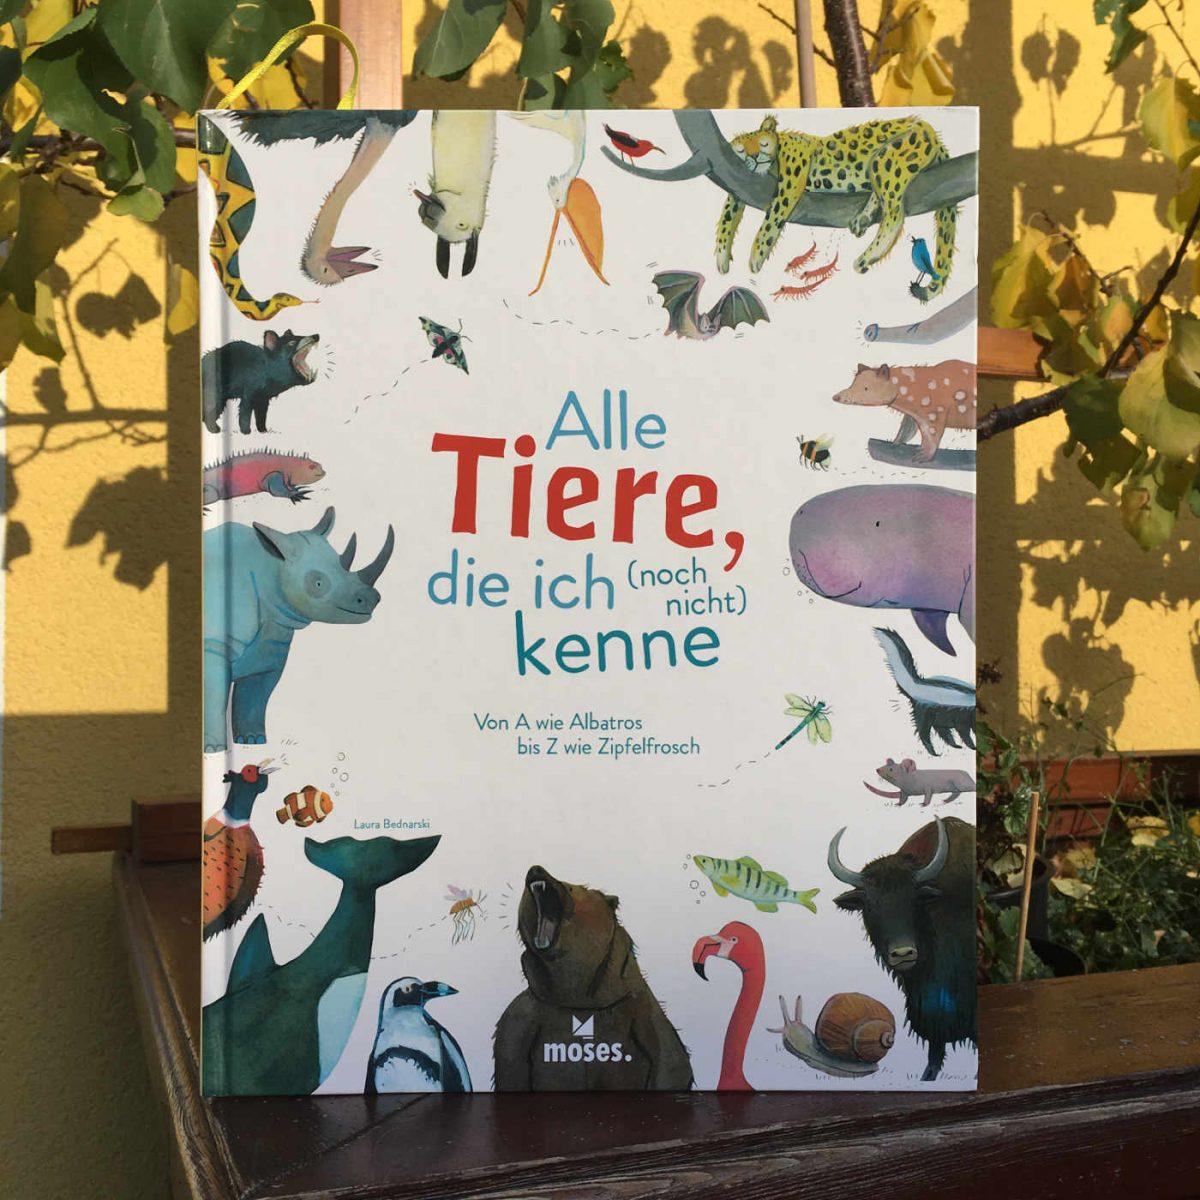 Laura Bednarski: Alle Tiere, die ich (noch nicht) kenne